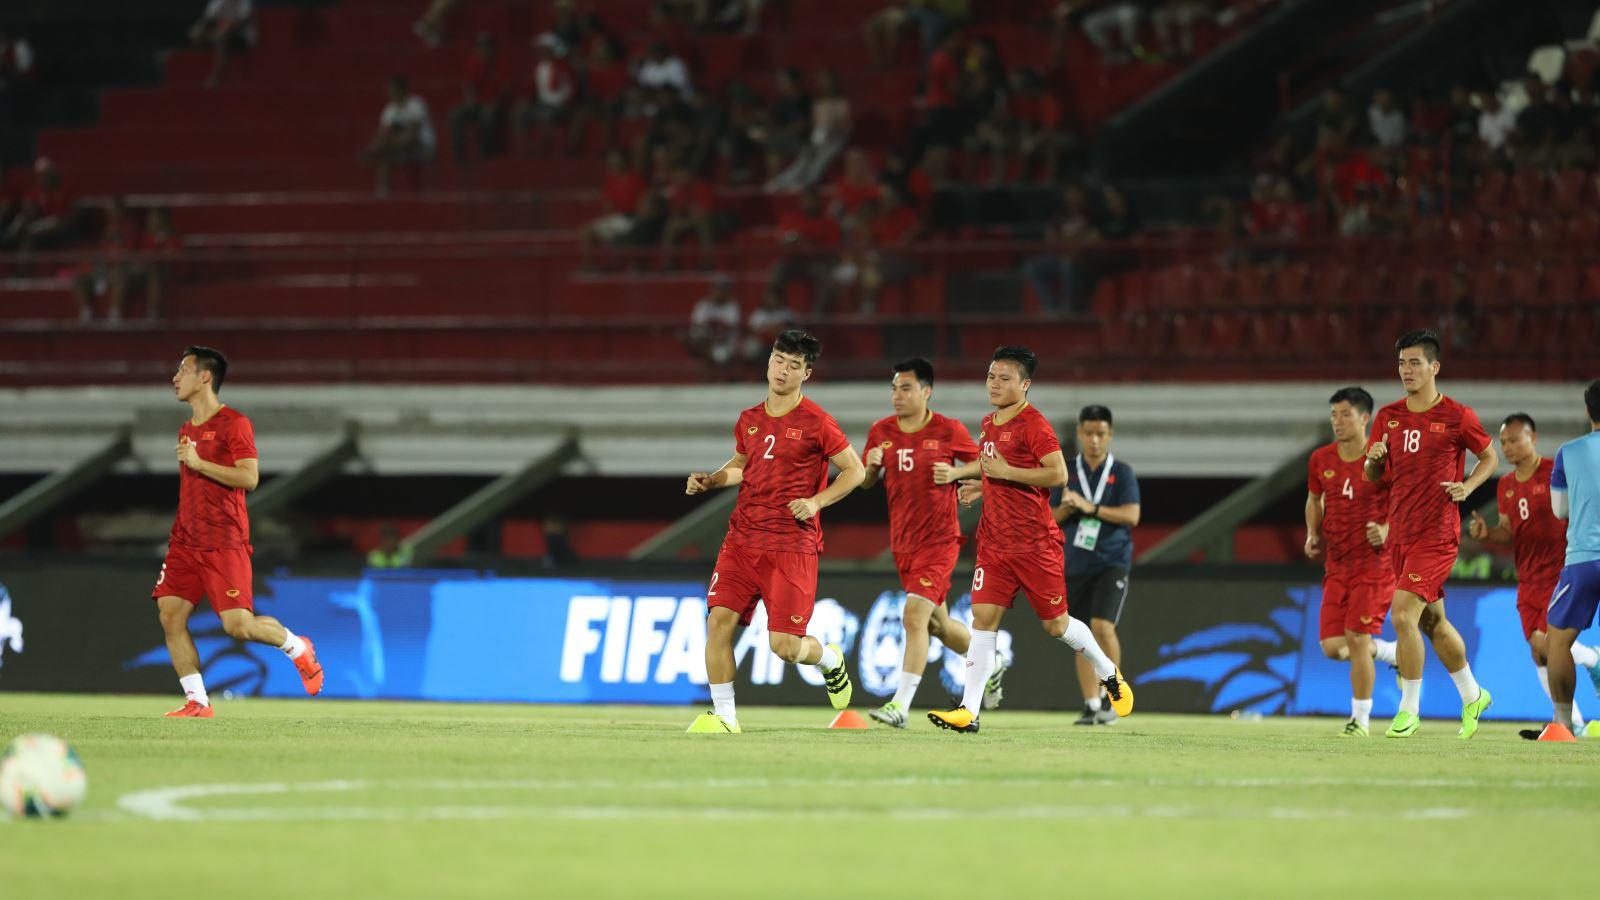 Chú thích truc tiep bong da hôm nay, Indonesia đấu với Việt Nam, VTV6, VTV5, VTC1, VTC3, trực tiếp bóng đá, Việt Nam vs Indonesia, xem bóng đá trực tuyến, Indonesia và Việt Nam